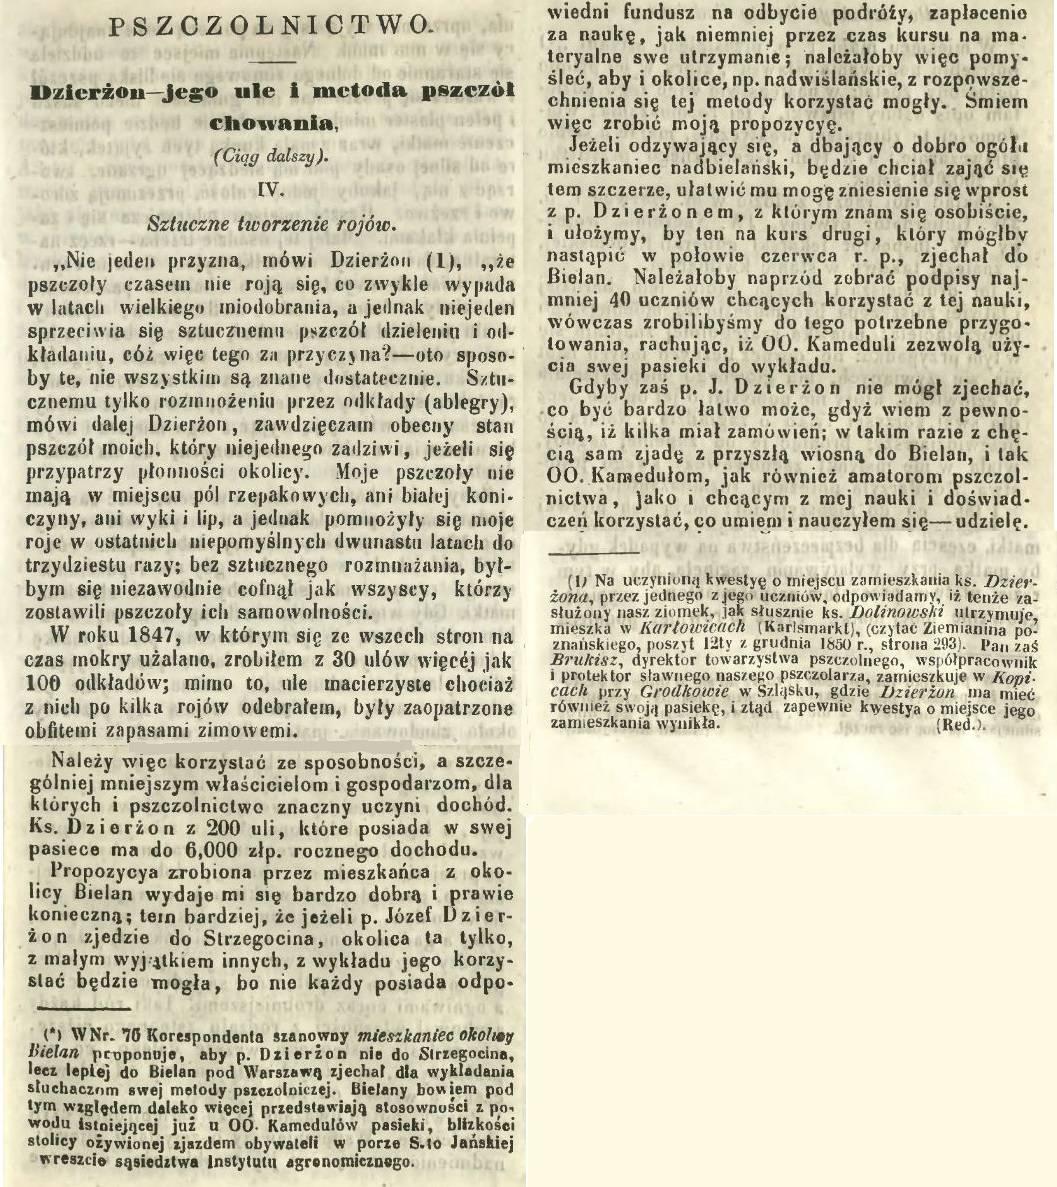 Frag. art. z Gazety Rolniczej i Przemysłowej, Warszawa 1847r